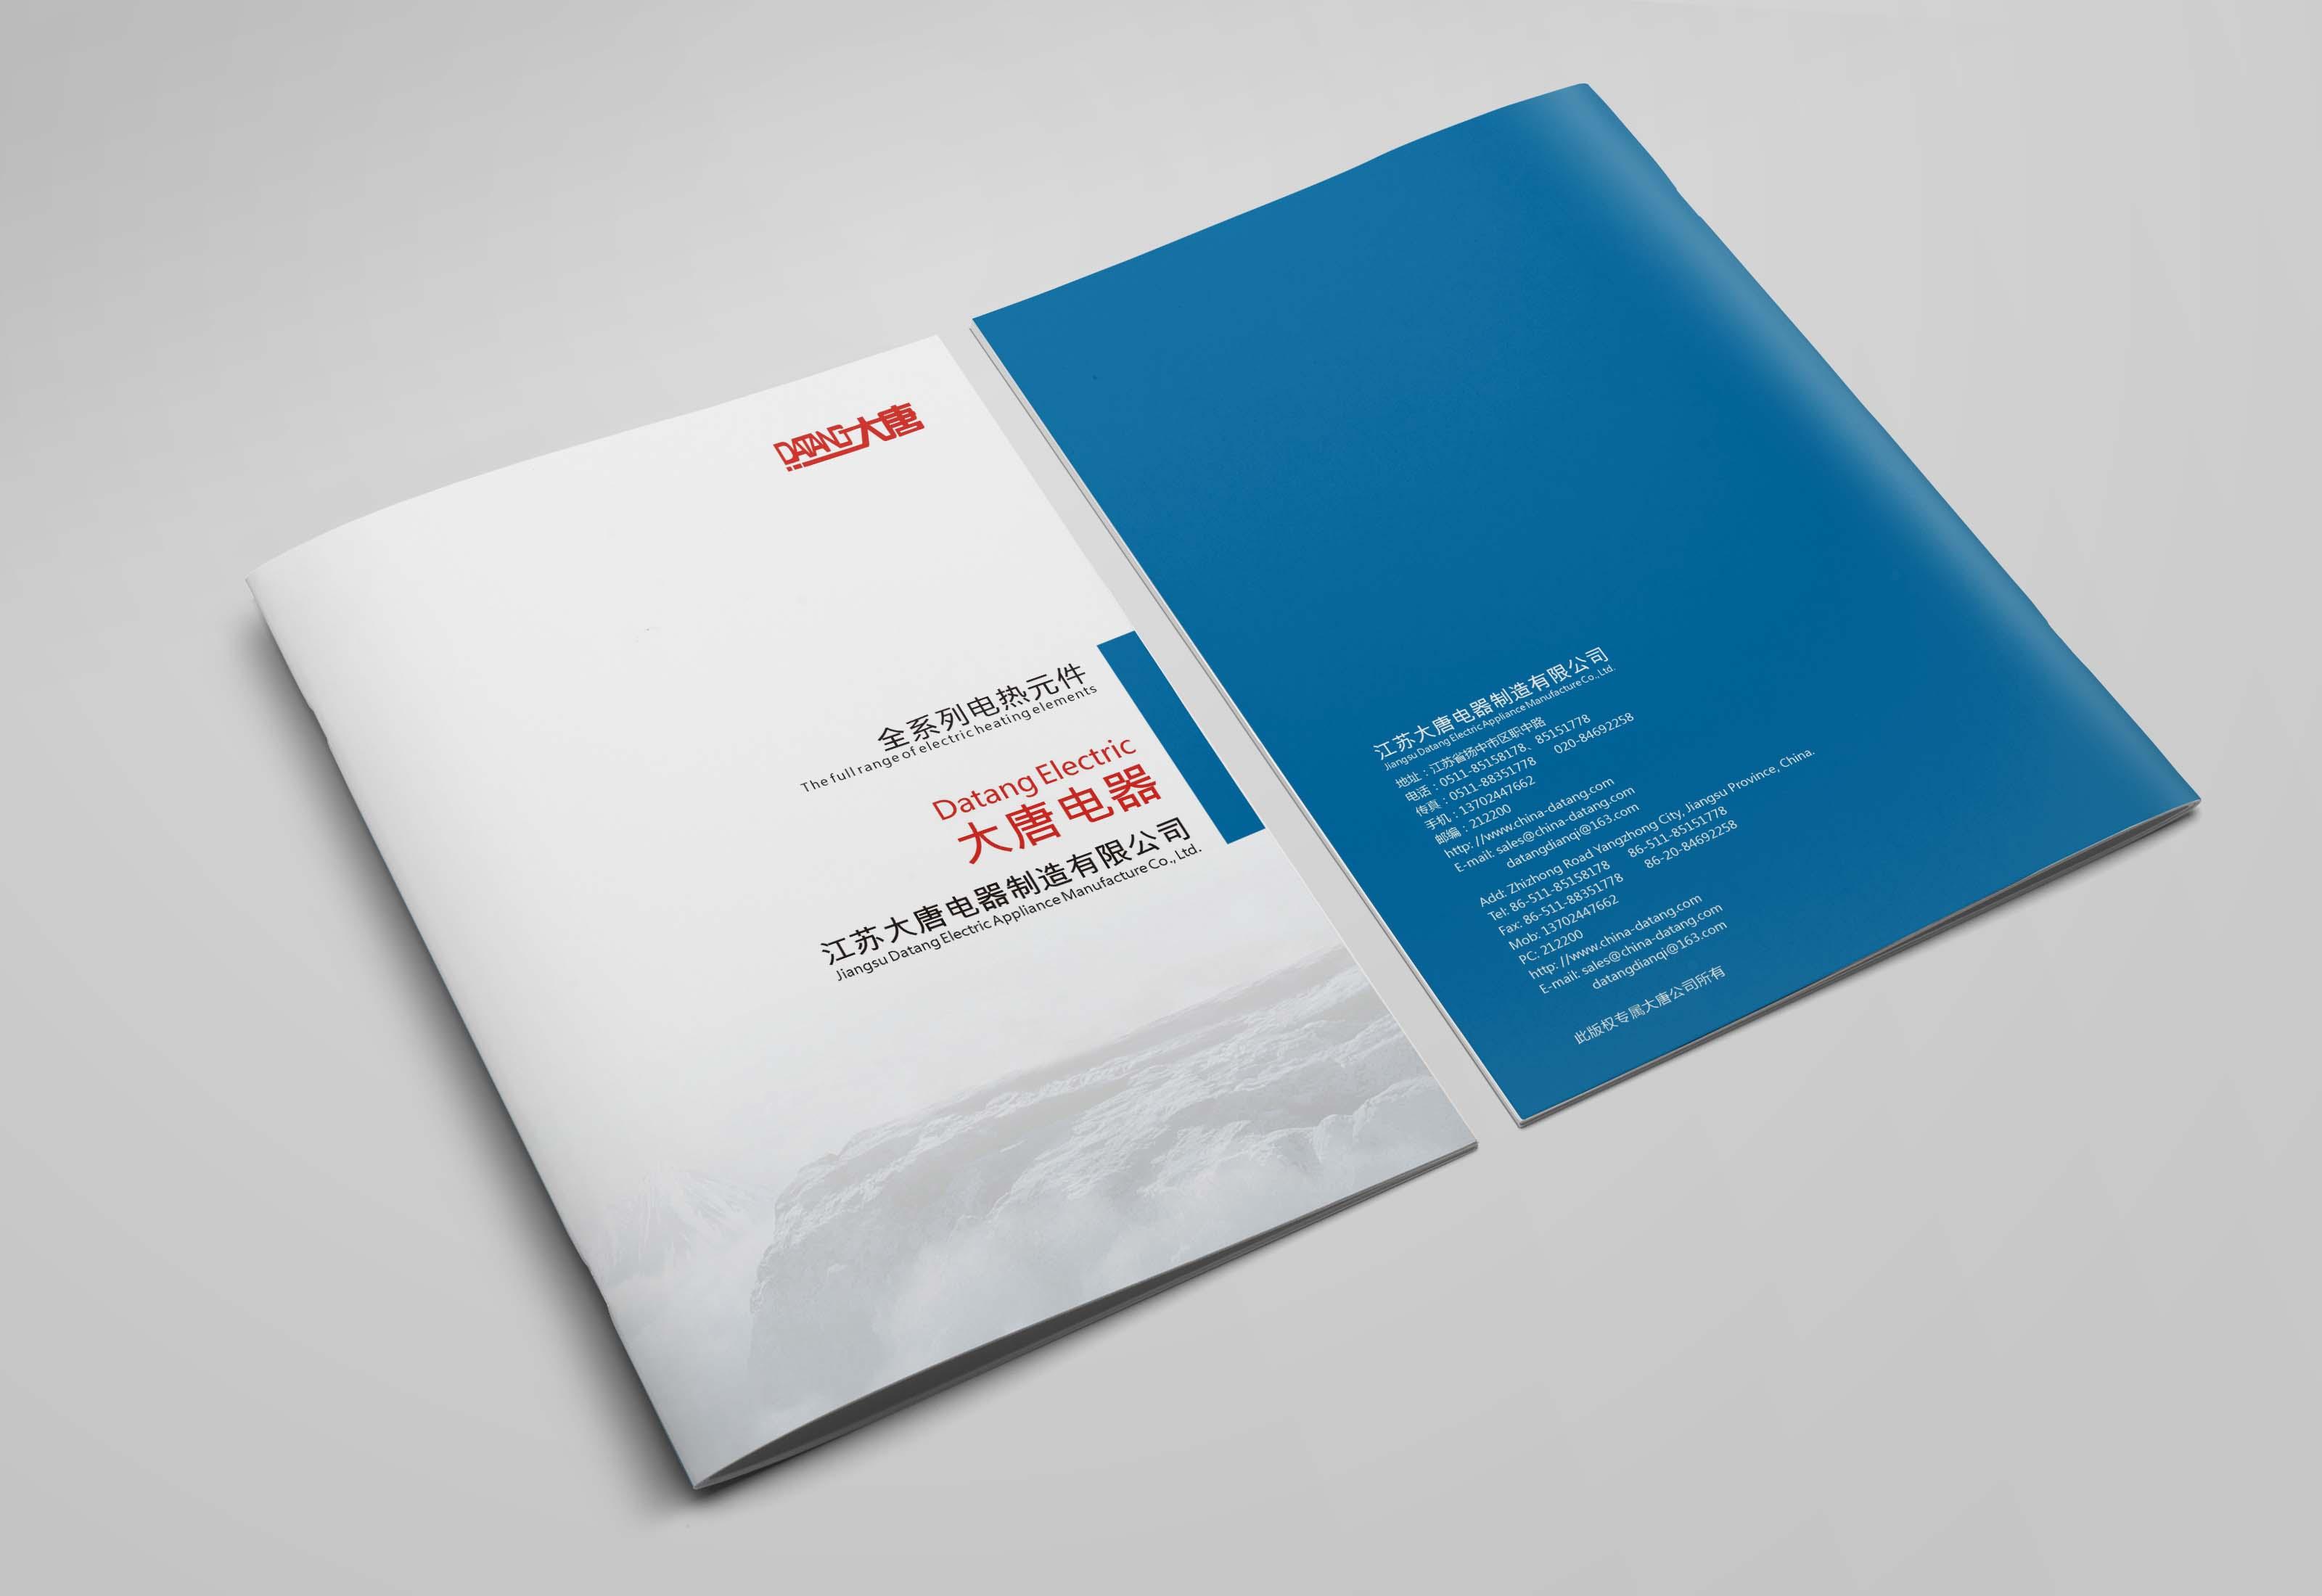 扬中大唐电器制造公司品牌形象产品目录说明书宣传册样本设计